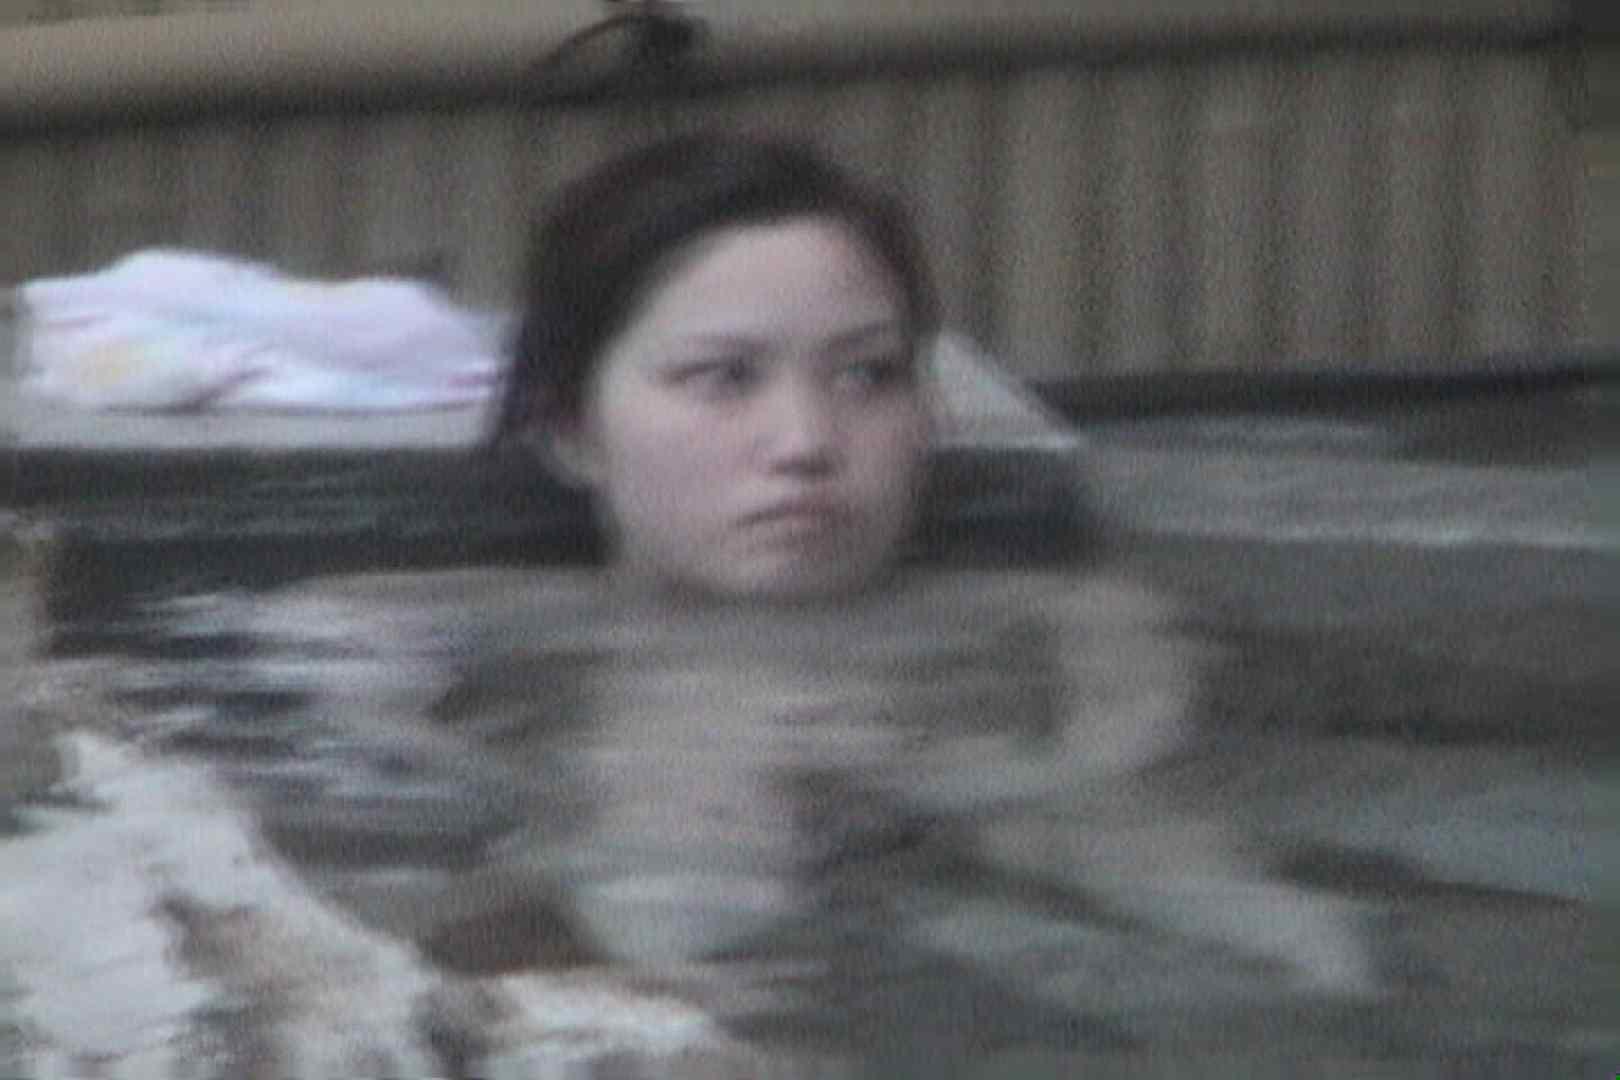 Aquaな露天風呂Vol.602 盗撮  70画像 57